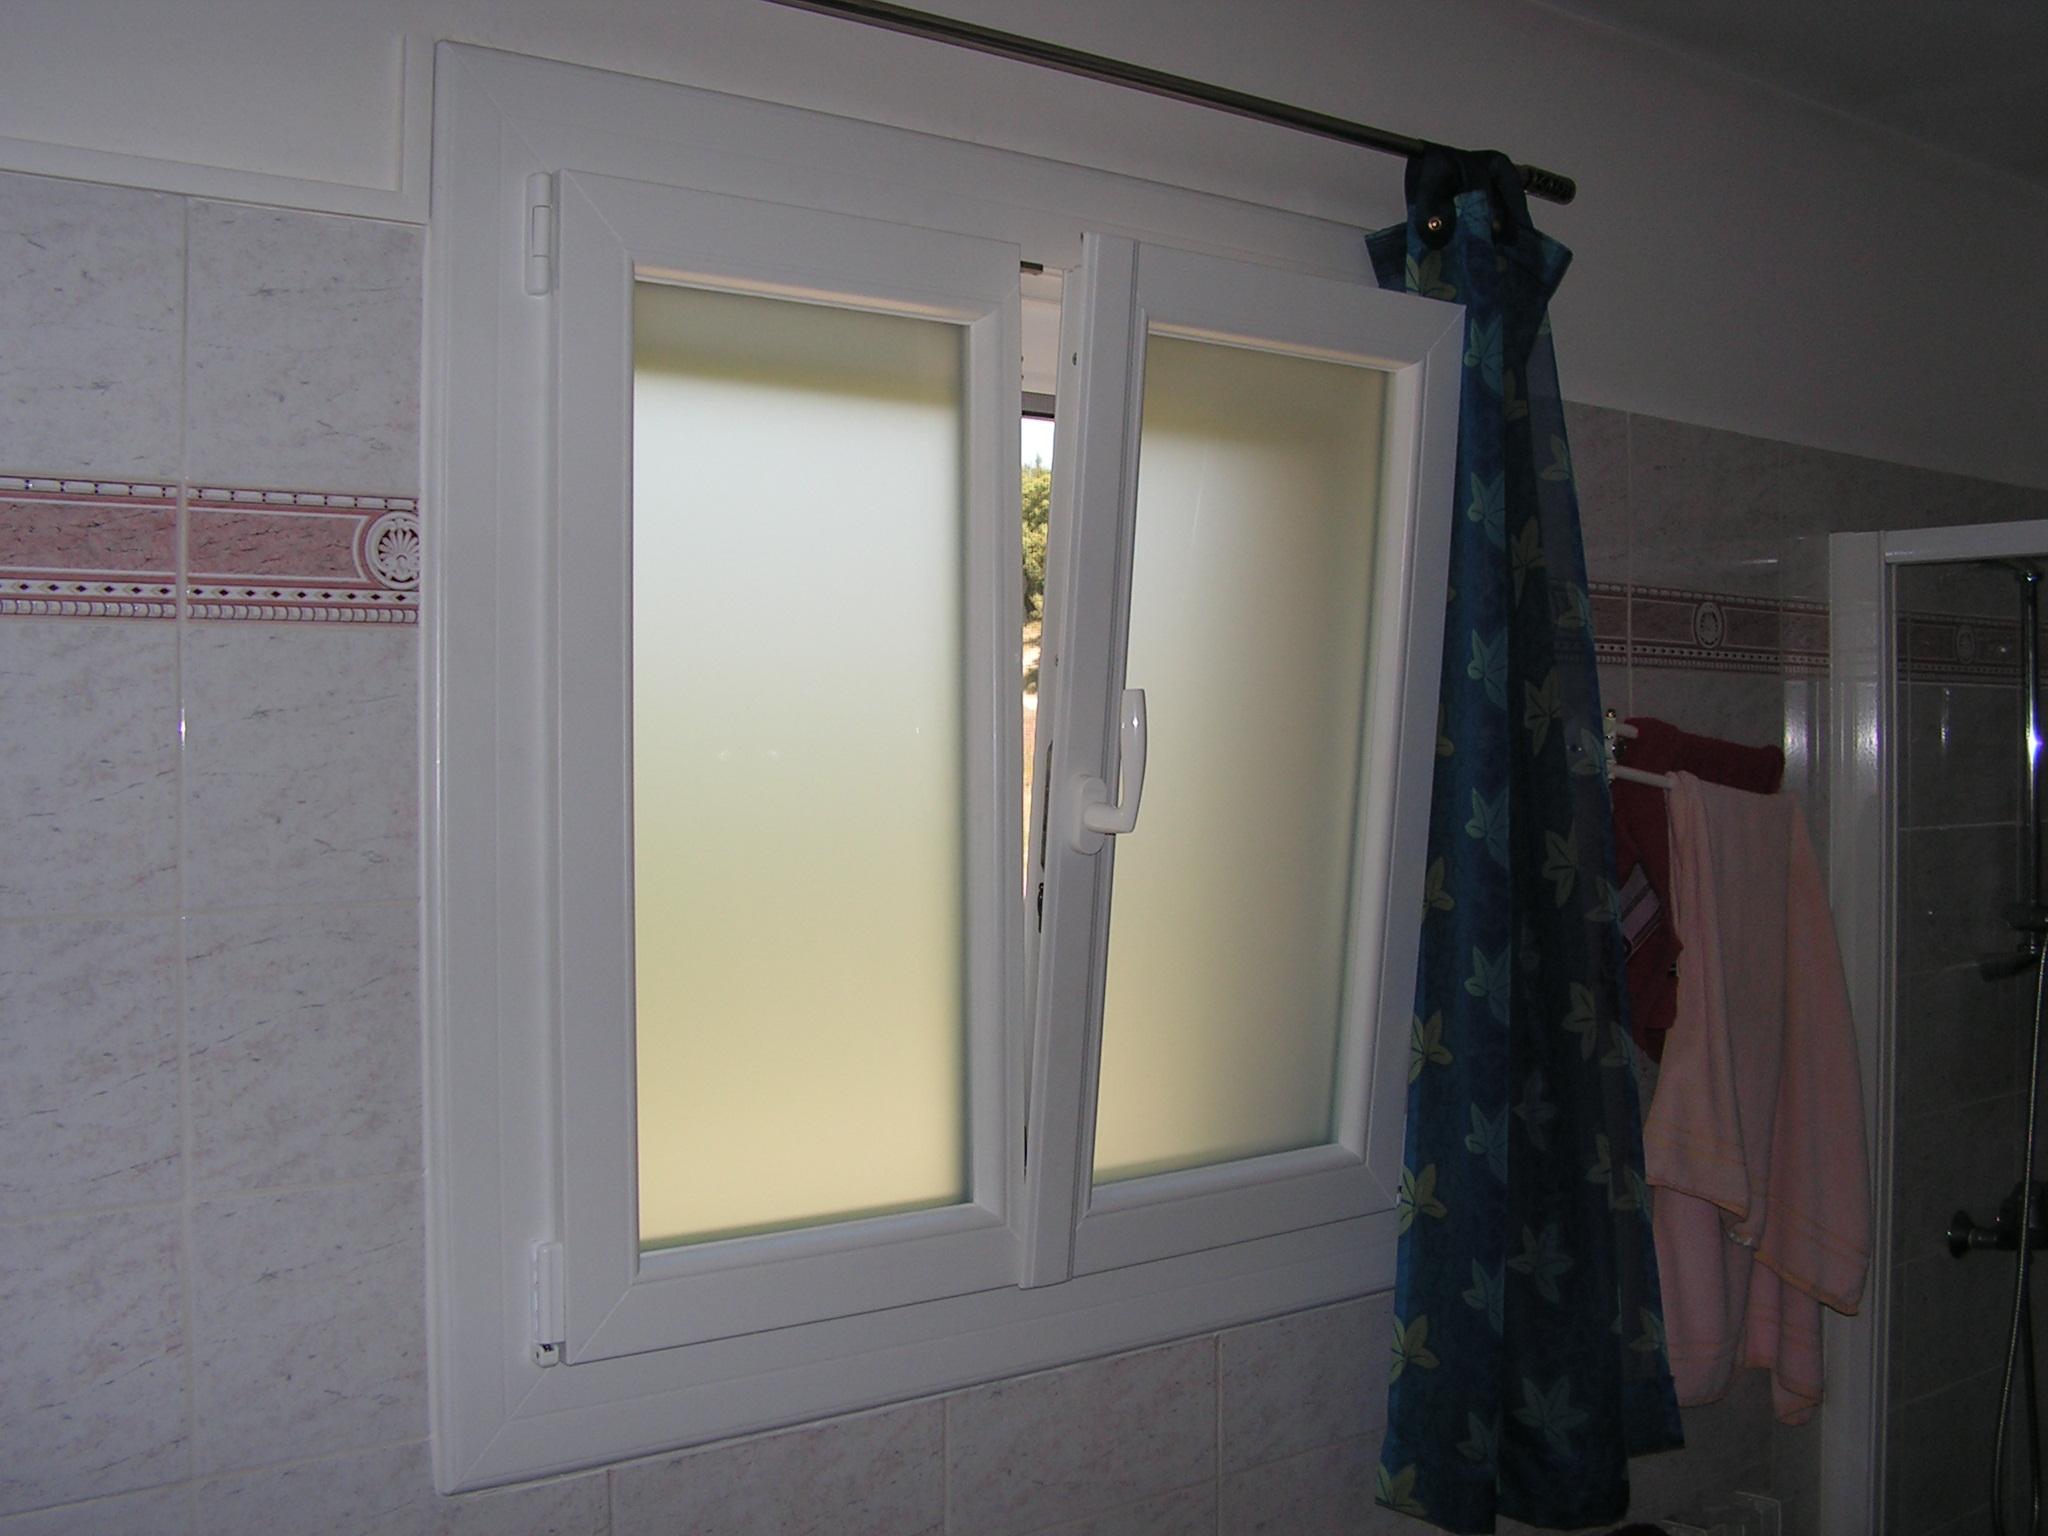 divers chantiers pose de menuiseries pvc alu sur mesure en r novation. Black Bedroom Furniture Sets. Home Design Ideas